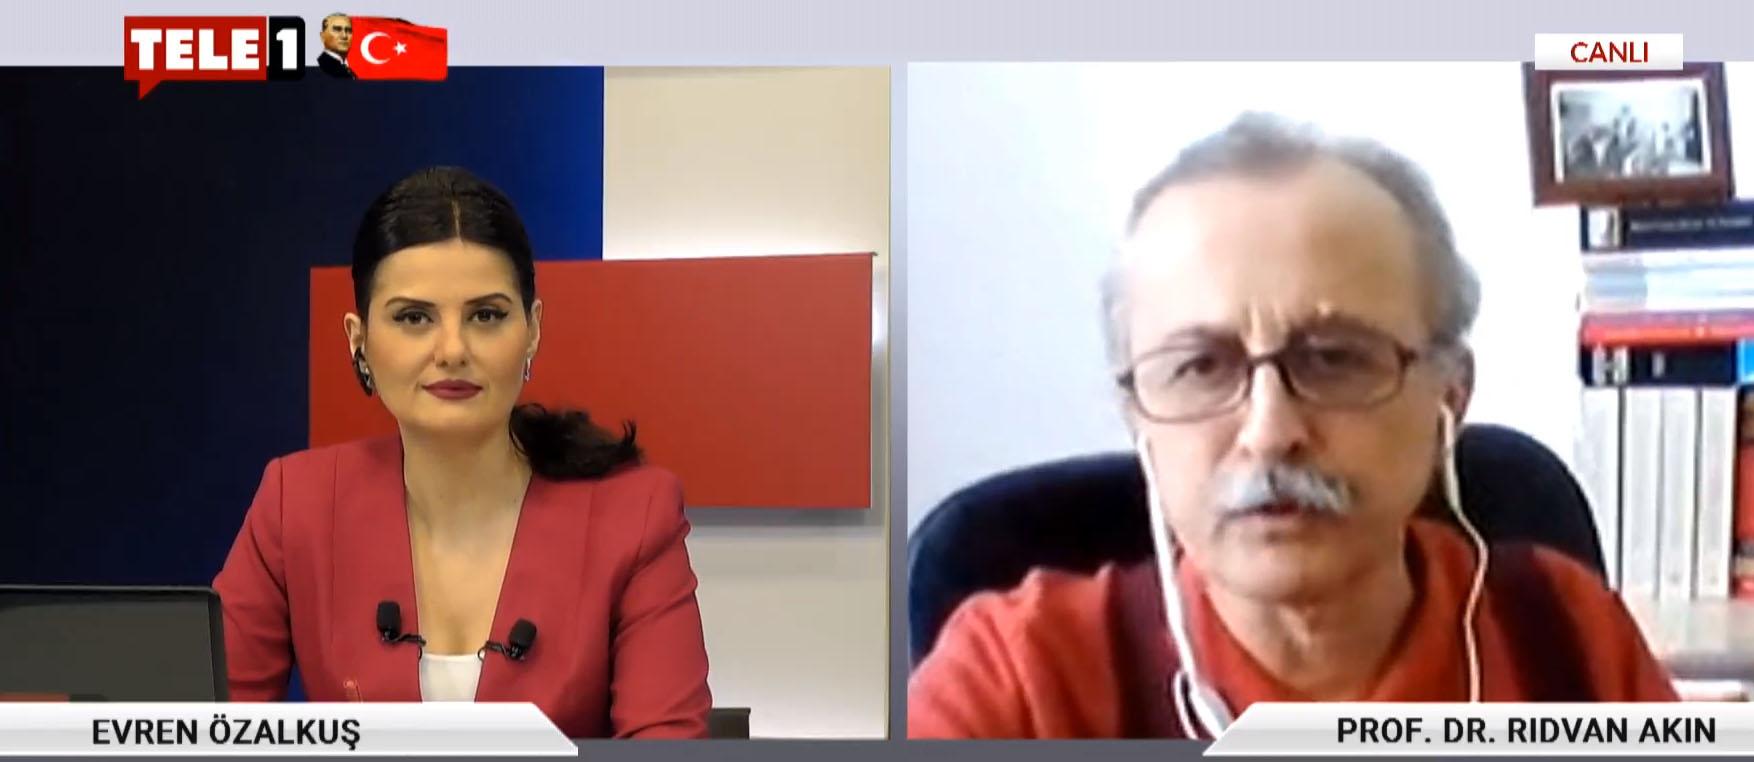 Prof. Dr. Rıdvan Akın: Vahdettin, İngilizci bir politikanın bizi kurtaracağını düşünüyordu